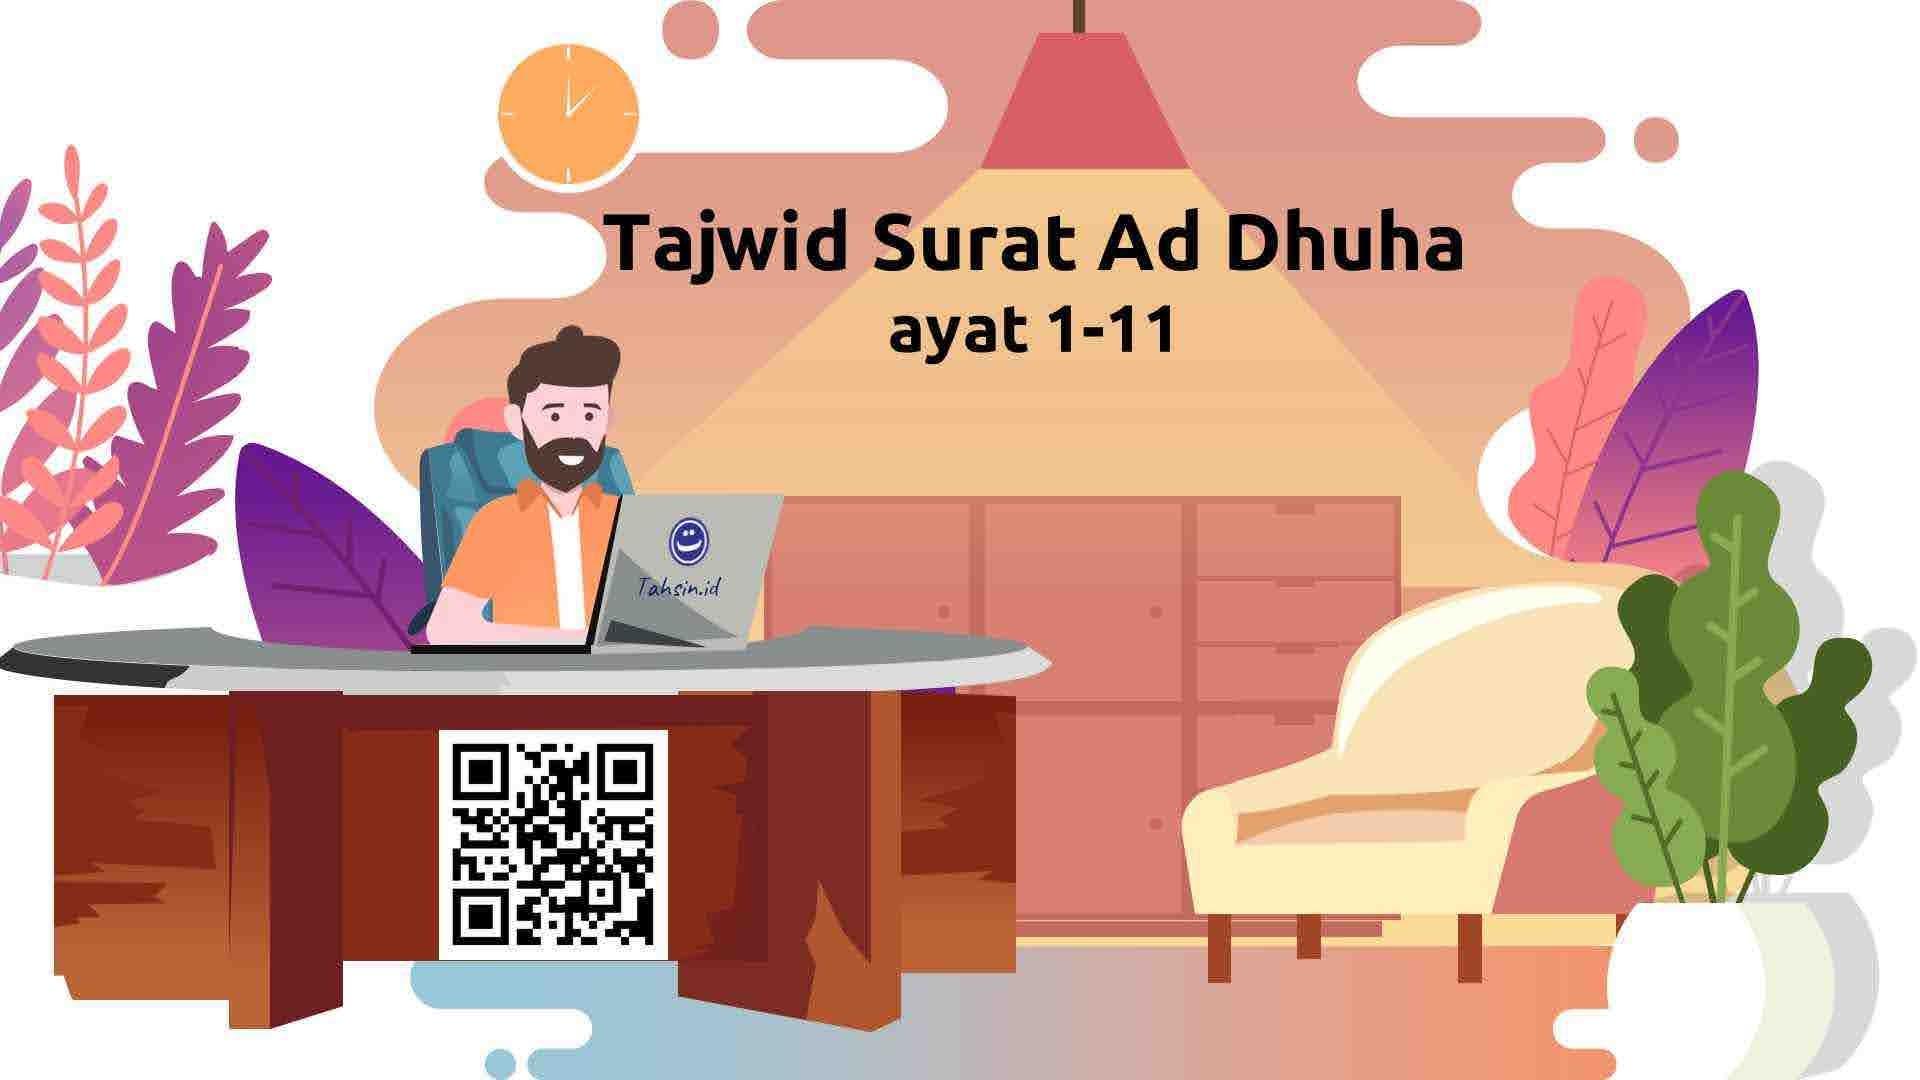 tajwid-surat-ad-dhuha